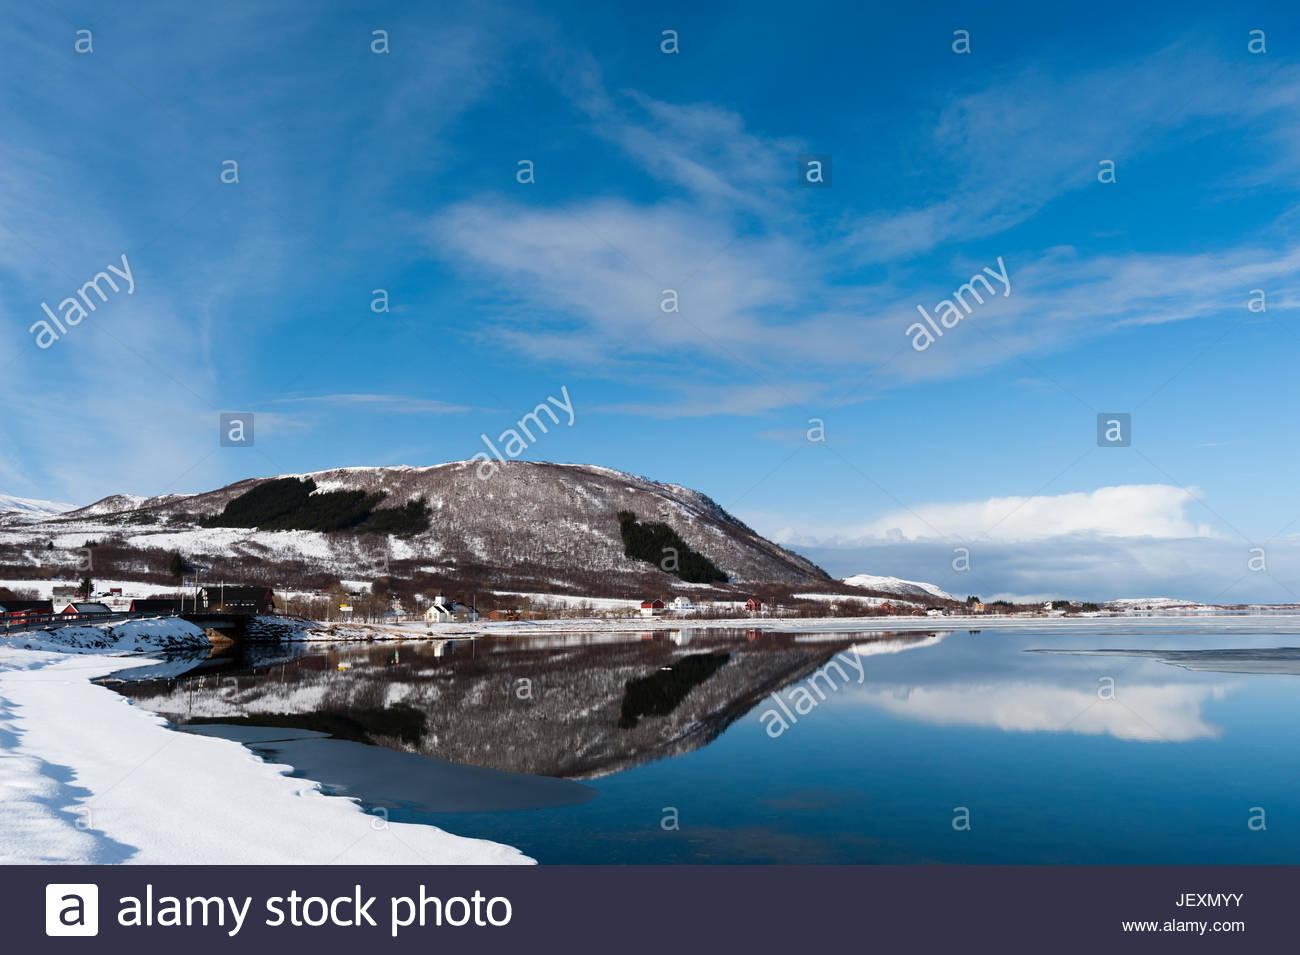 Die kleine Küstenstadt Dorf von Knutstad, mit verschneiten Ufern und blauem Himmel. Stockbild